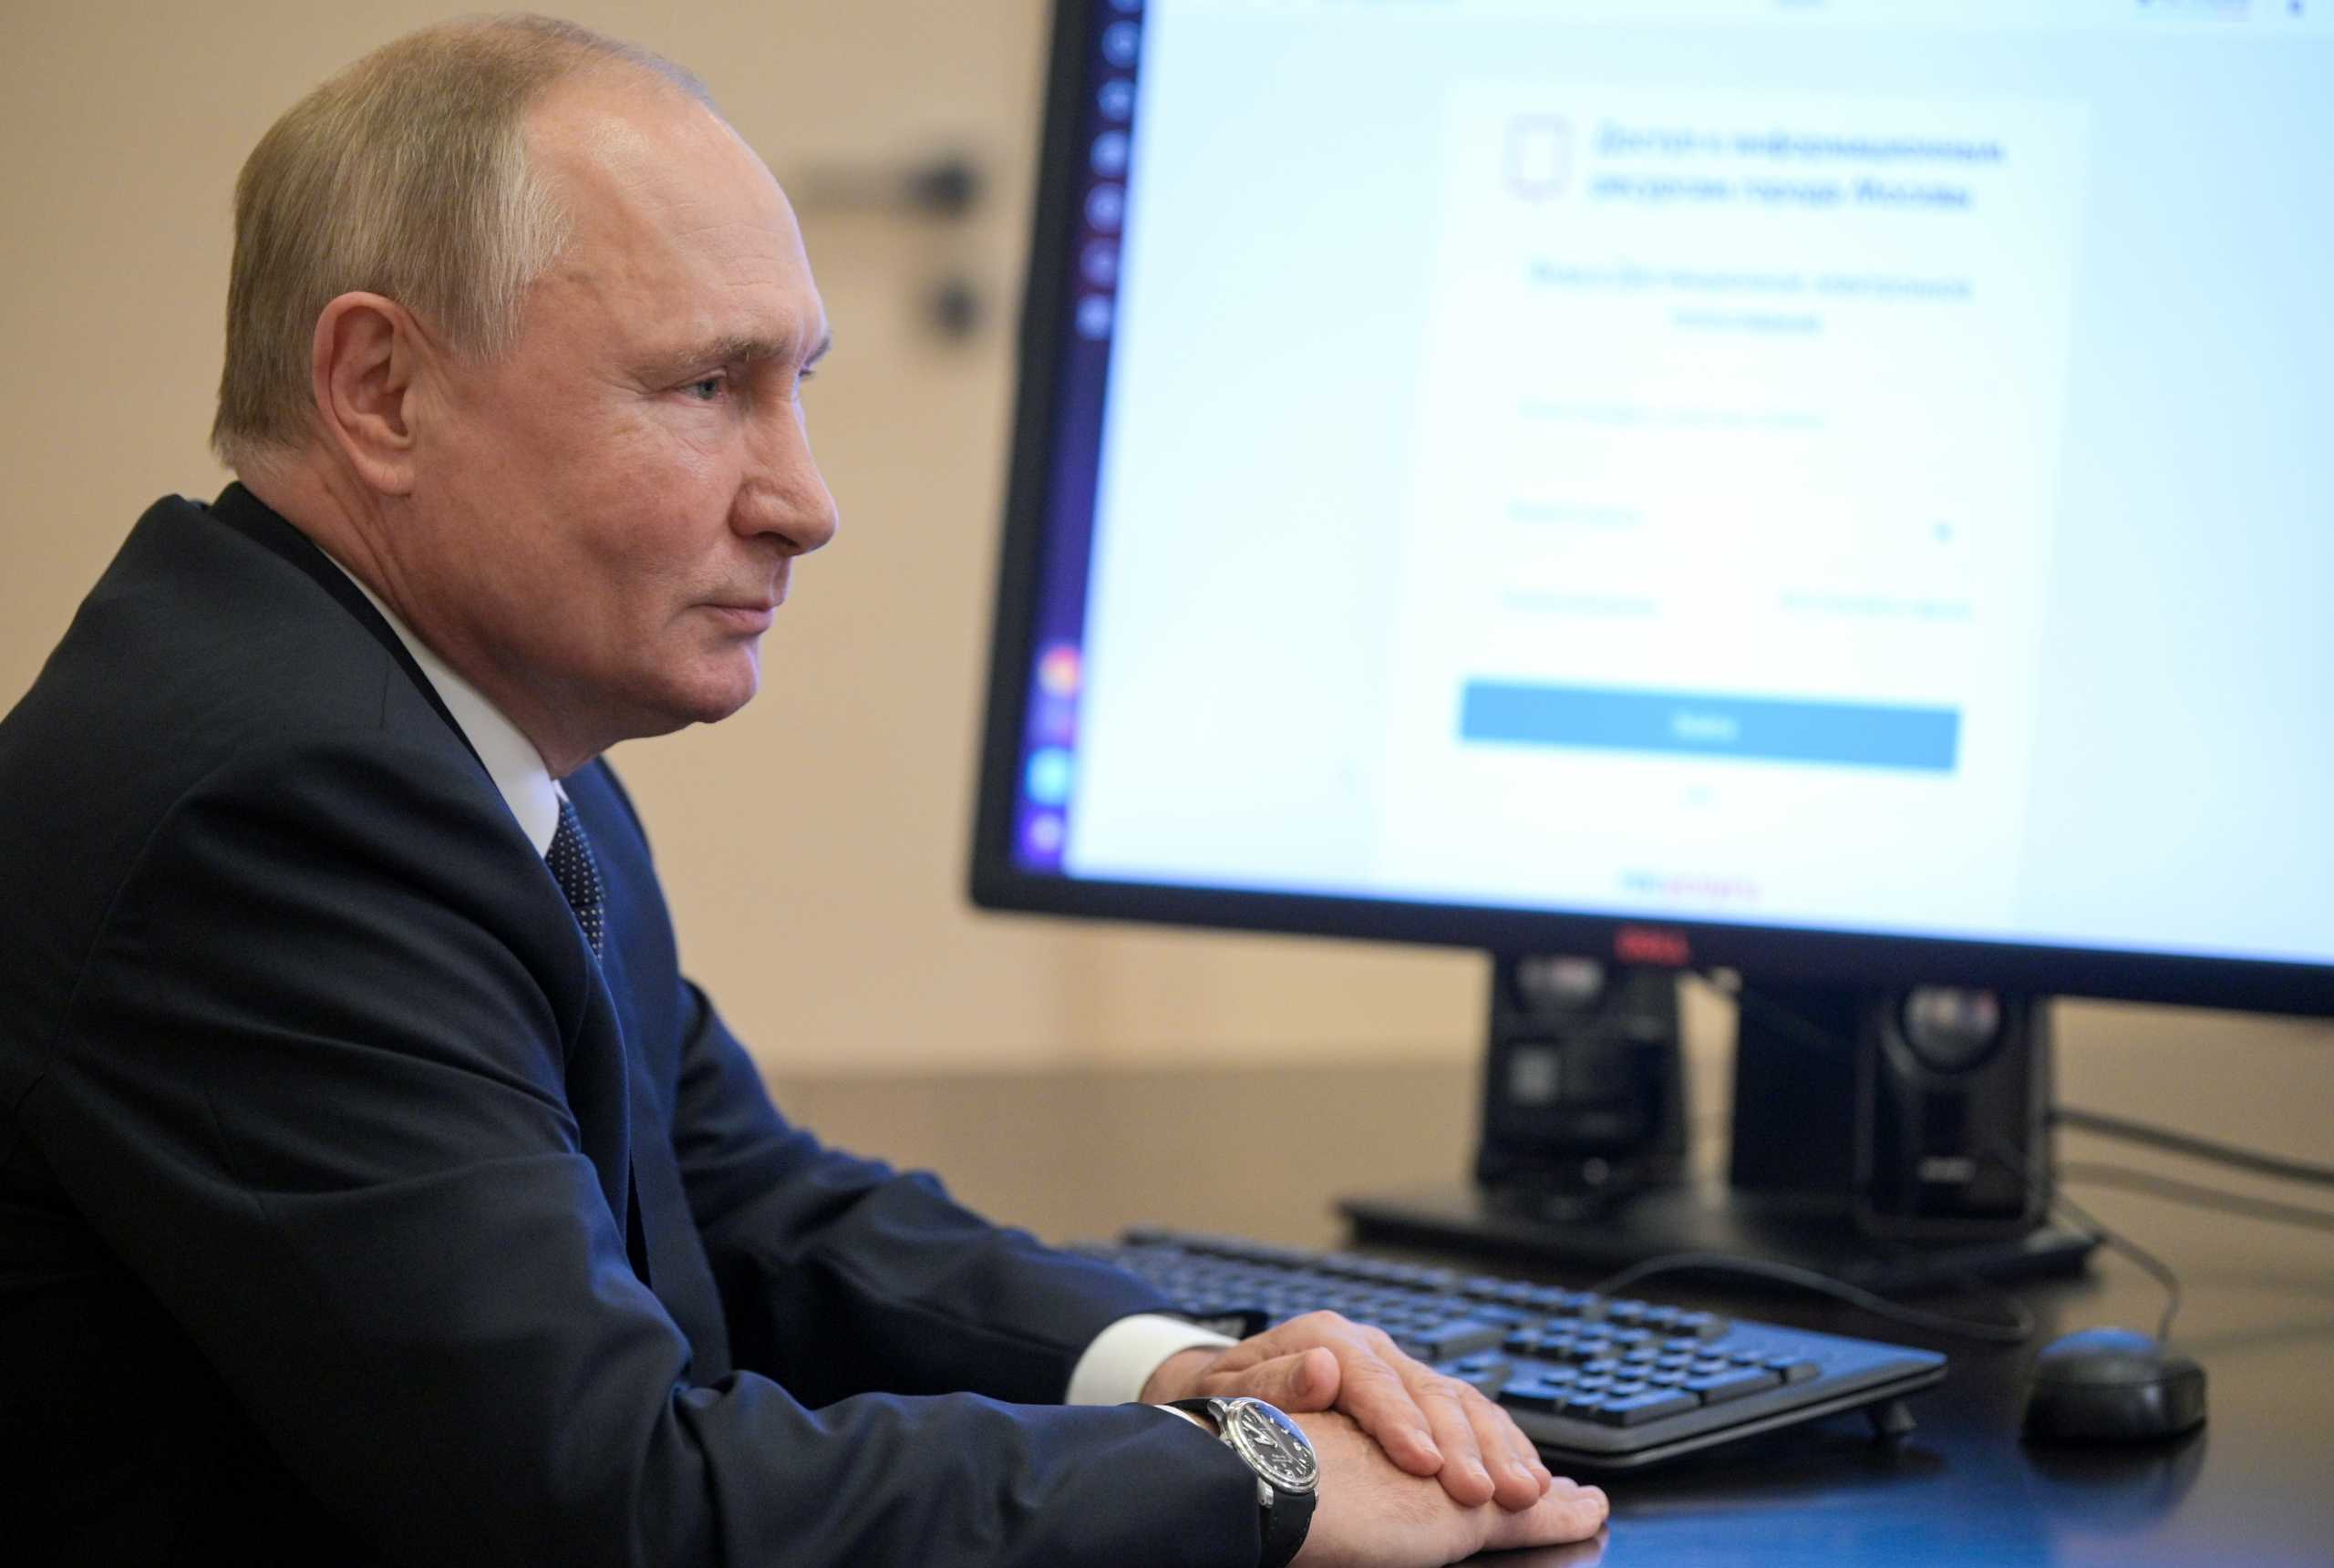 Ρωσία – Εκλογές: Το κόμμα του Βλαντίμιρ Πούτιν κερδίζει πάνω από τα 2/3 των βουλευτικών εδρών